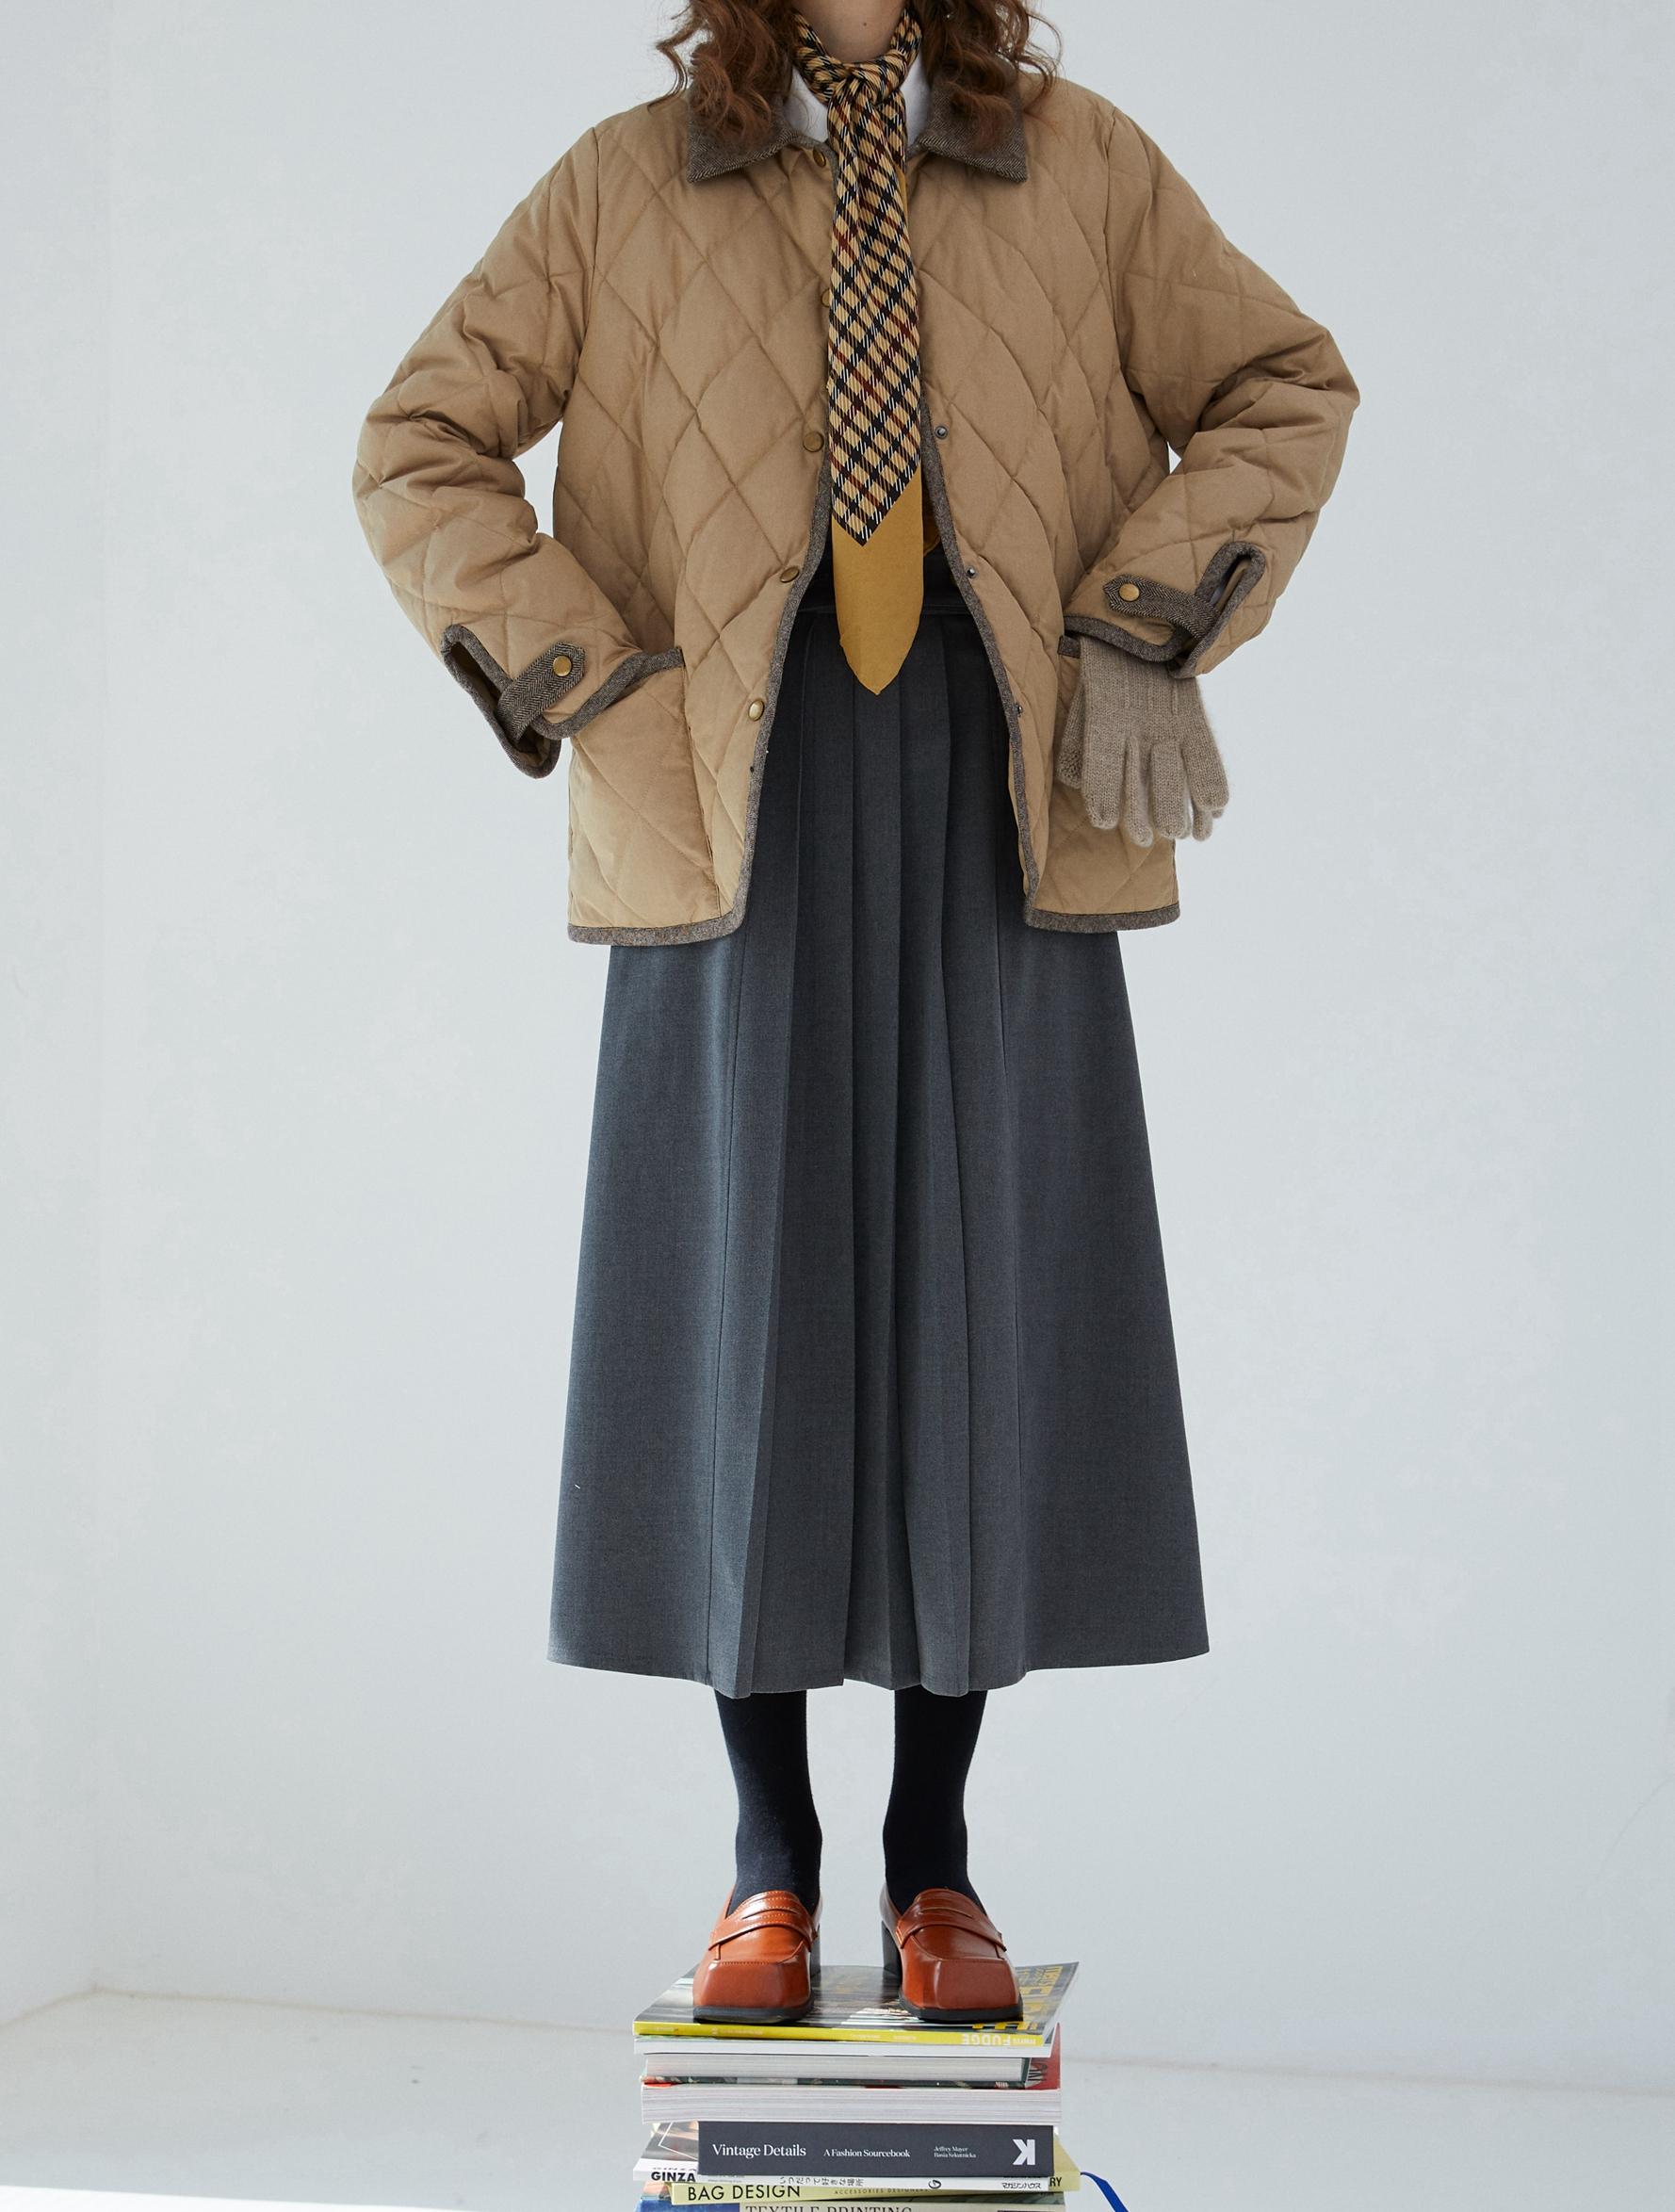 一方二集极简三种穿法马甲百褶中长半裙两件套深灰色洋装详细照片